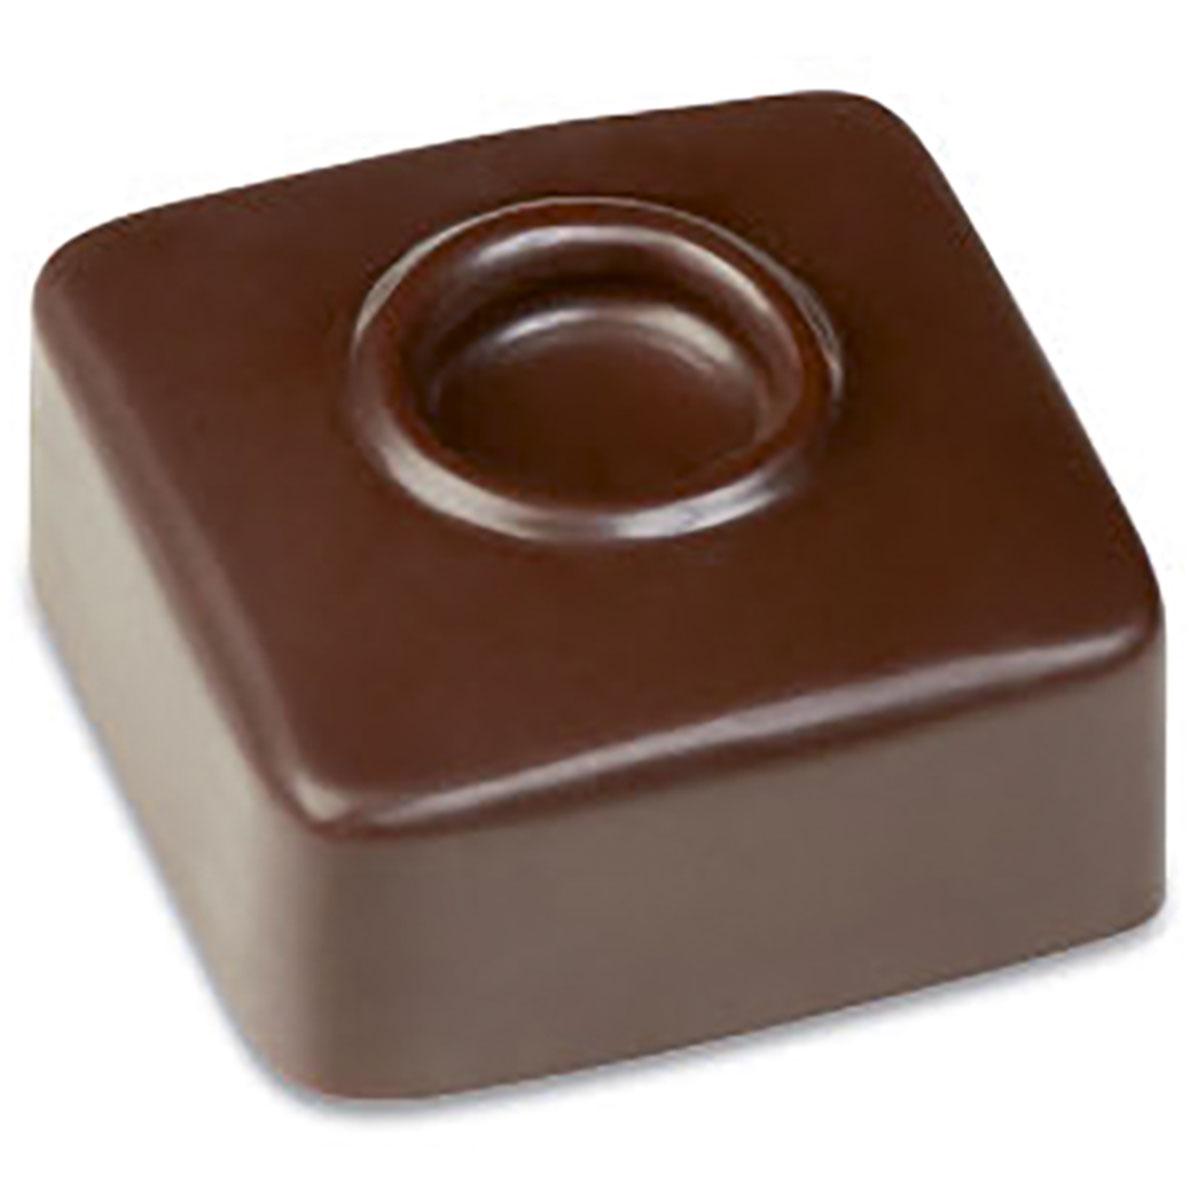 Image of   H. W. Larsen chokoladeform - Pavoni - Model 8PC104